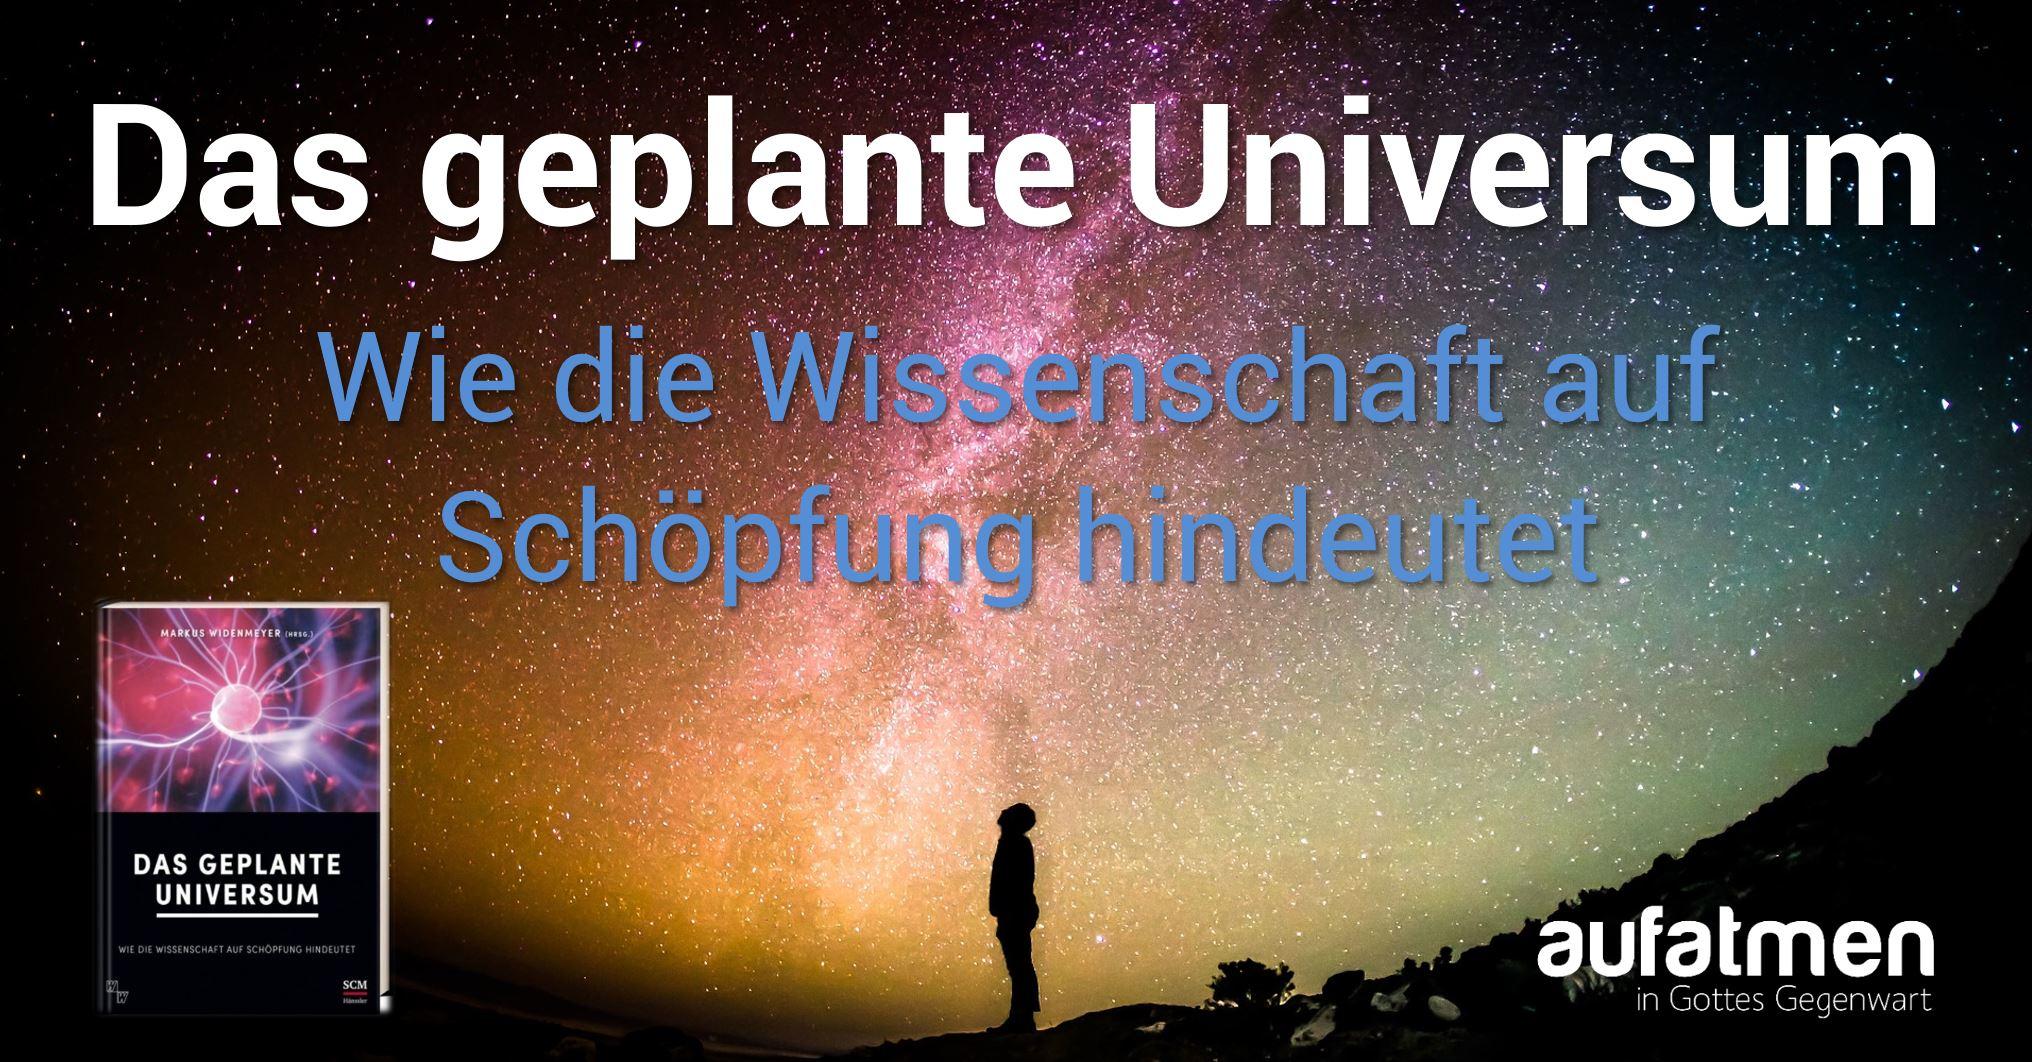 Das geplante Universum – Wie die Wissenschaft auf Schöpfung hindeutet